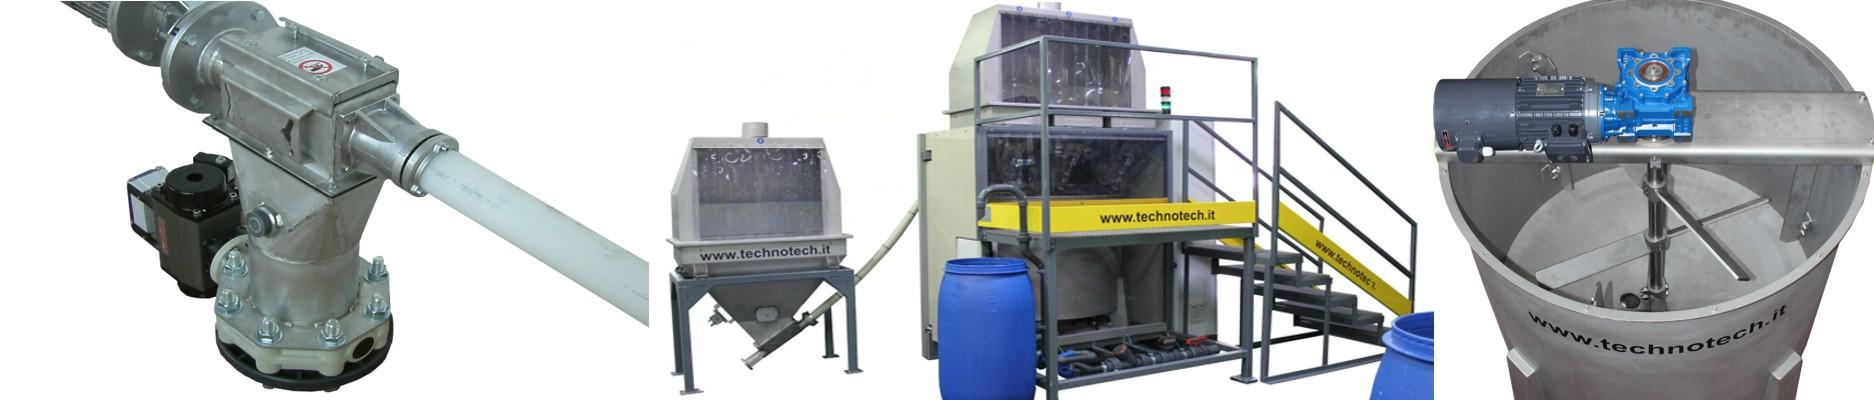 Preparatori automatici per paste creme e basi per stampa inkjet